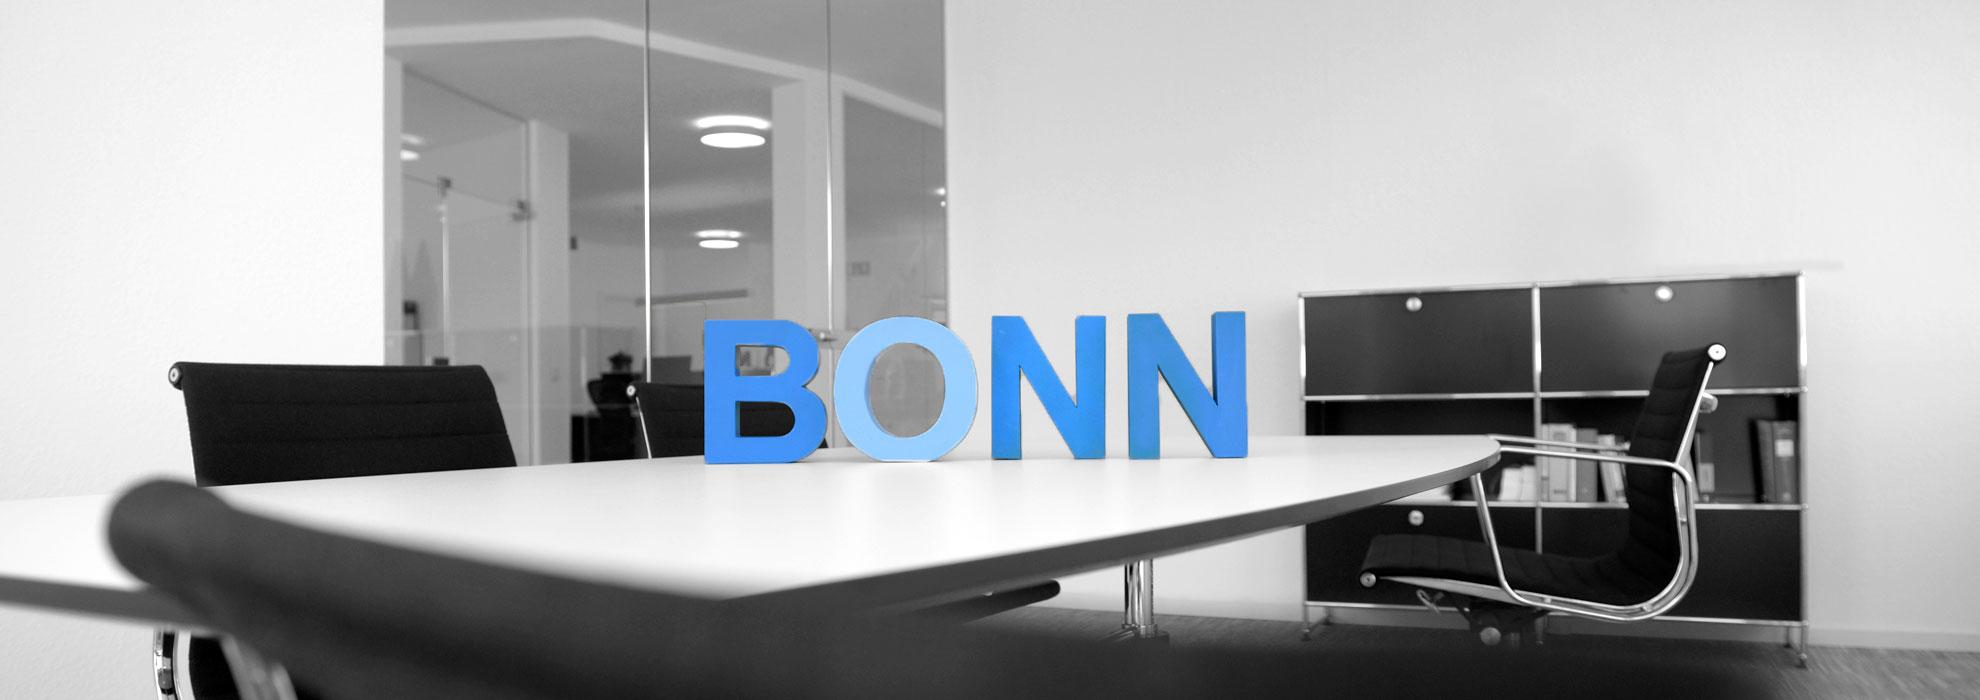 bonn1